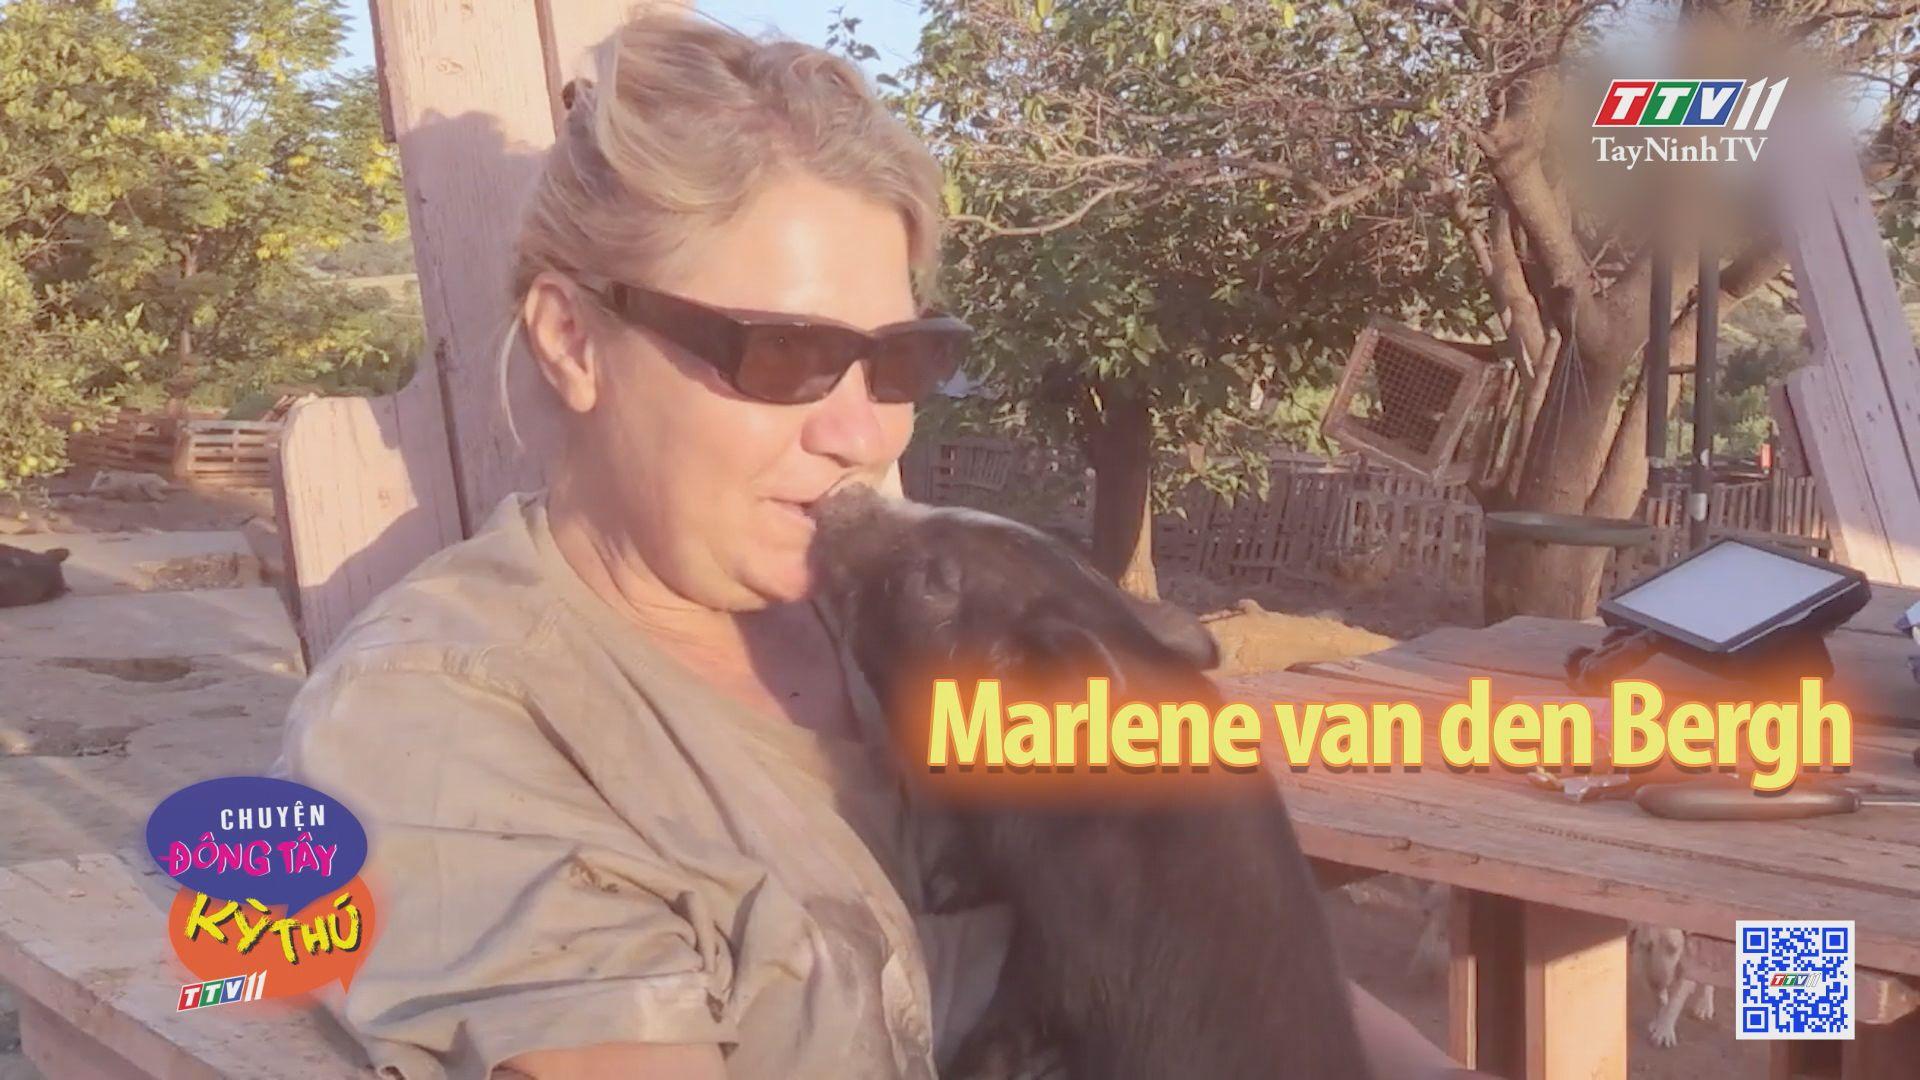 Trung tâm cứu hộ những con heo cưng bị bỏ rơi | CHUYỆN ĐÔNG TÂY KỲ THÚ | TayNinhTV